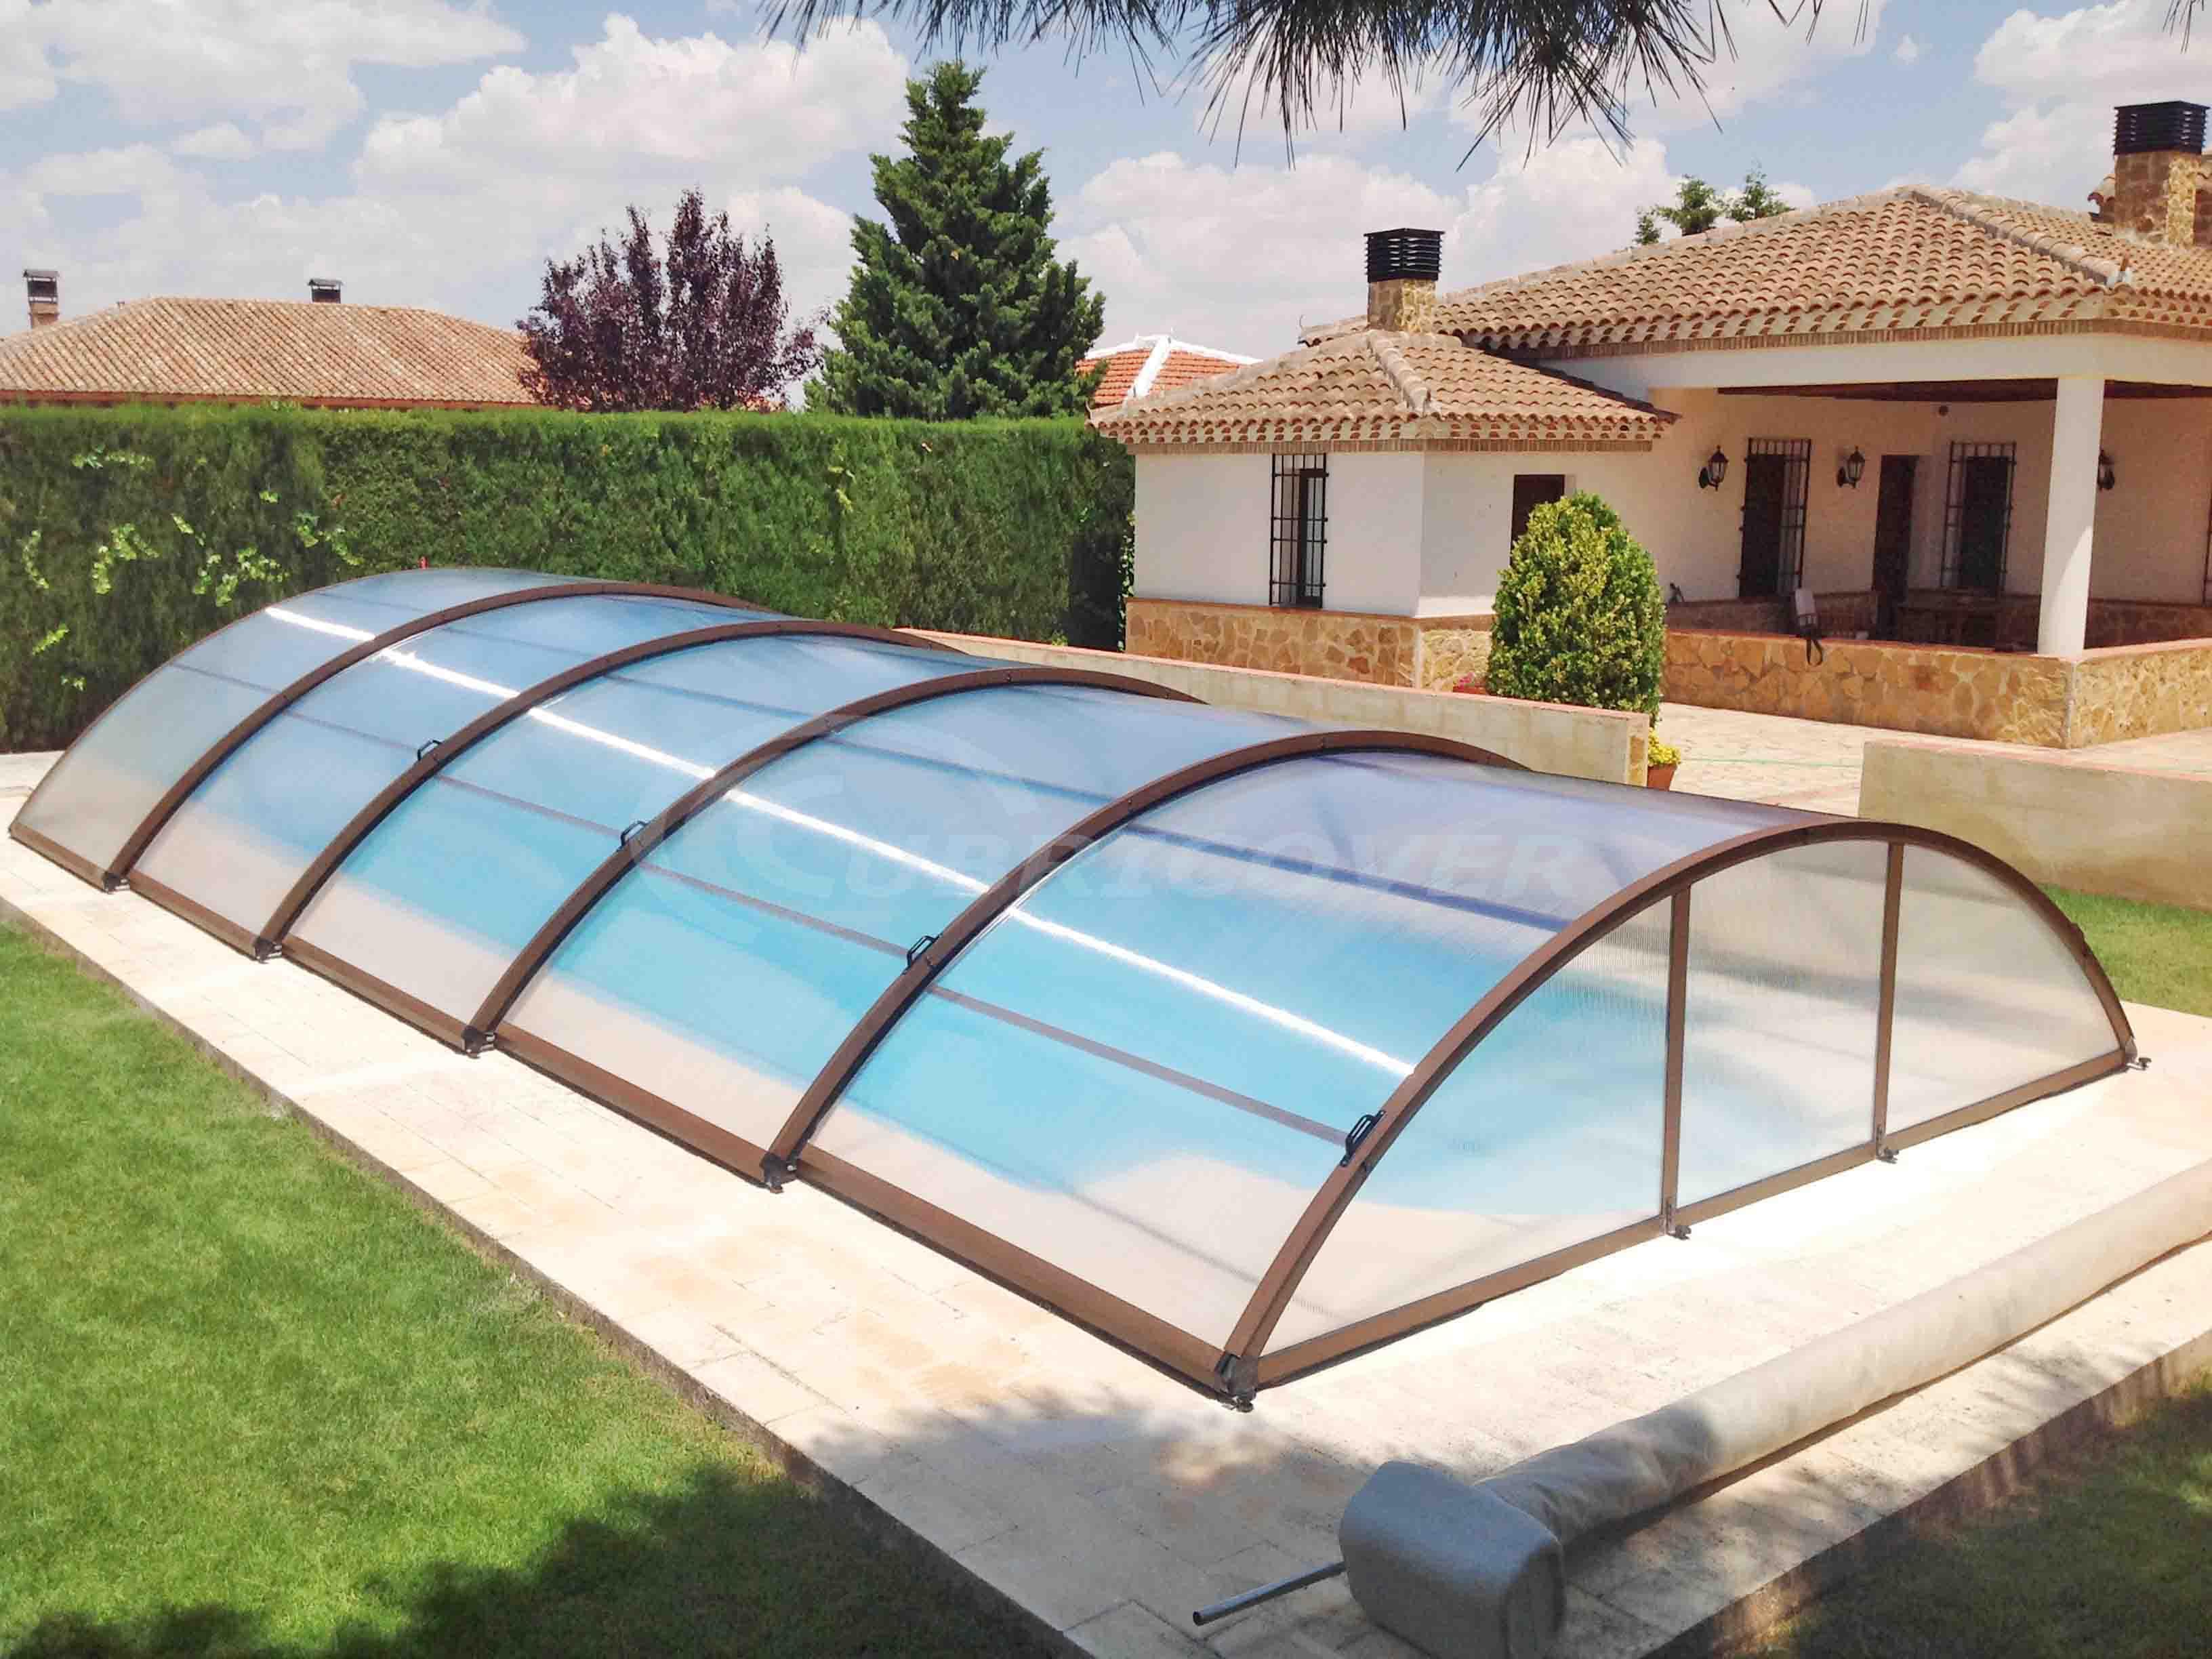 Cubierta para piscina baja telesc pica cubricover for Piscina collado villalba